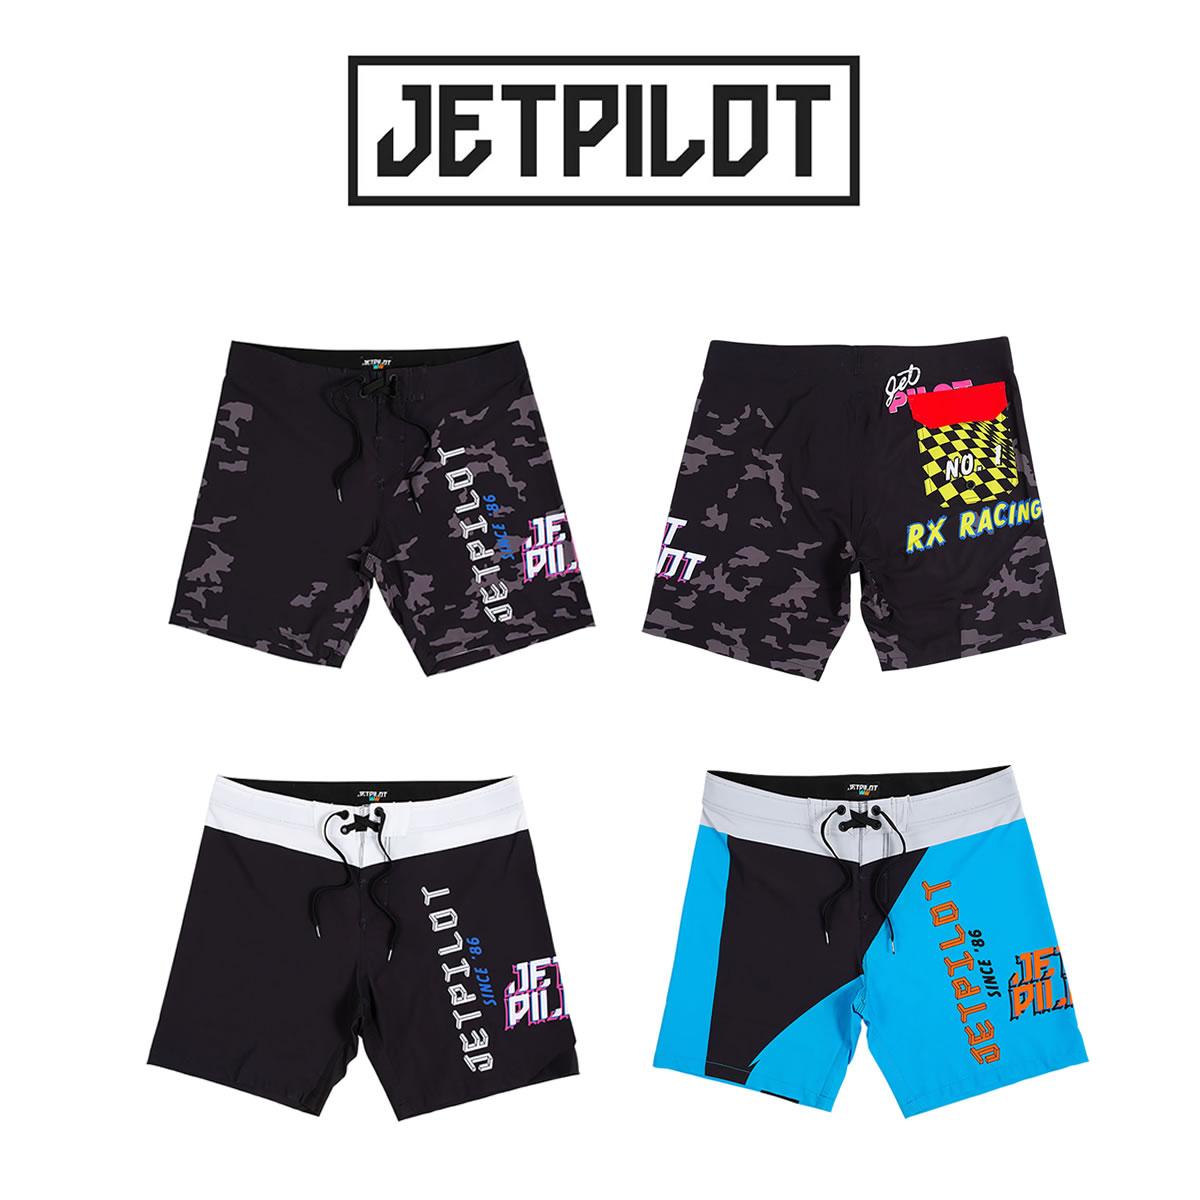 JETPILOT(ジェットパイロット)ボードショーツ RACE(S21904) レターパックライト対応